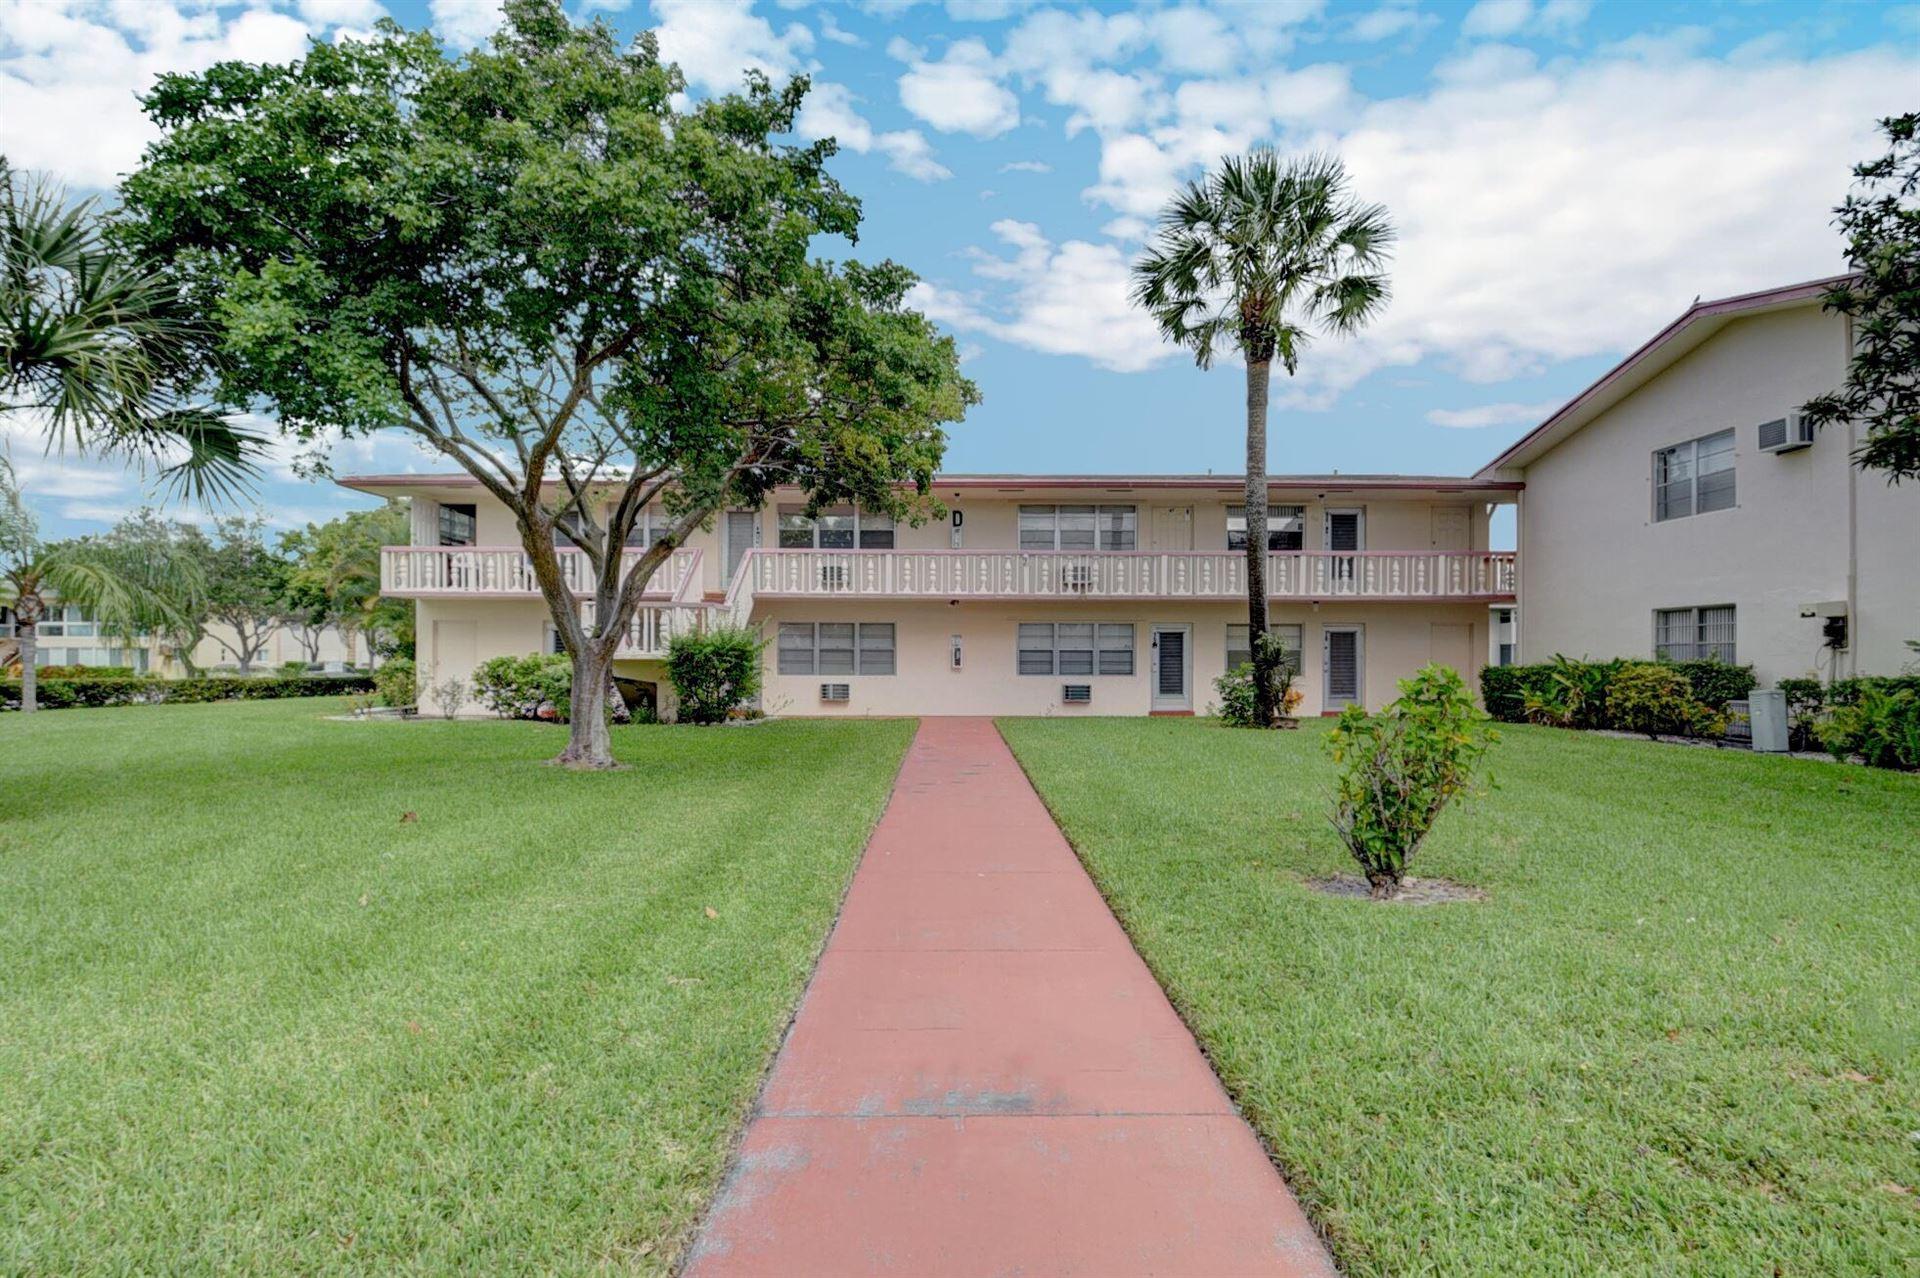 85 Waltham #D, West Palm Beach, FL 33417 - MLS#: RX-10754678